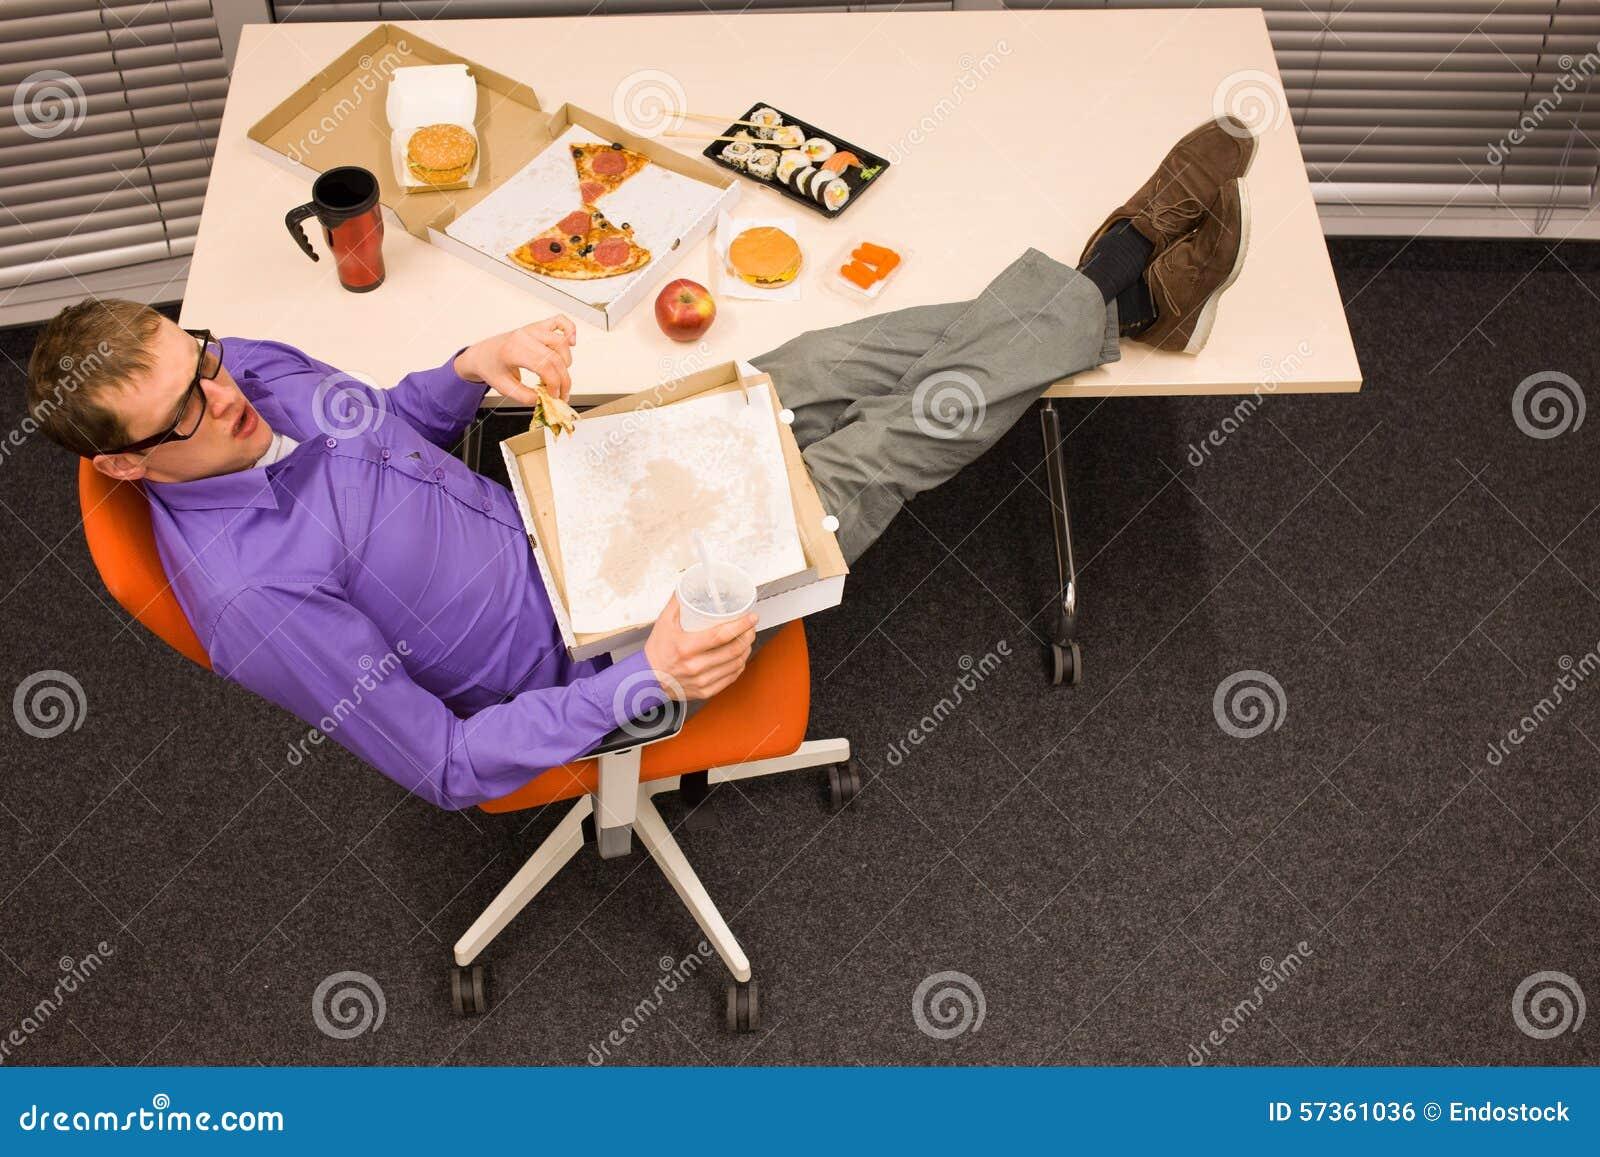 Almoço no escritório - comendo demais